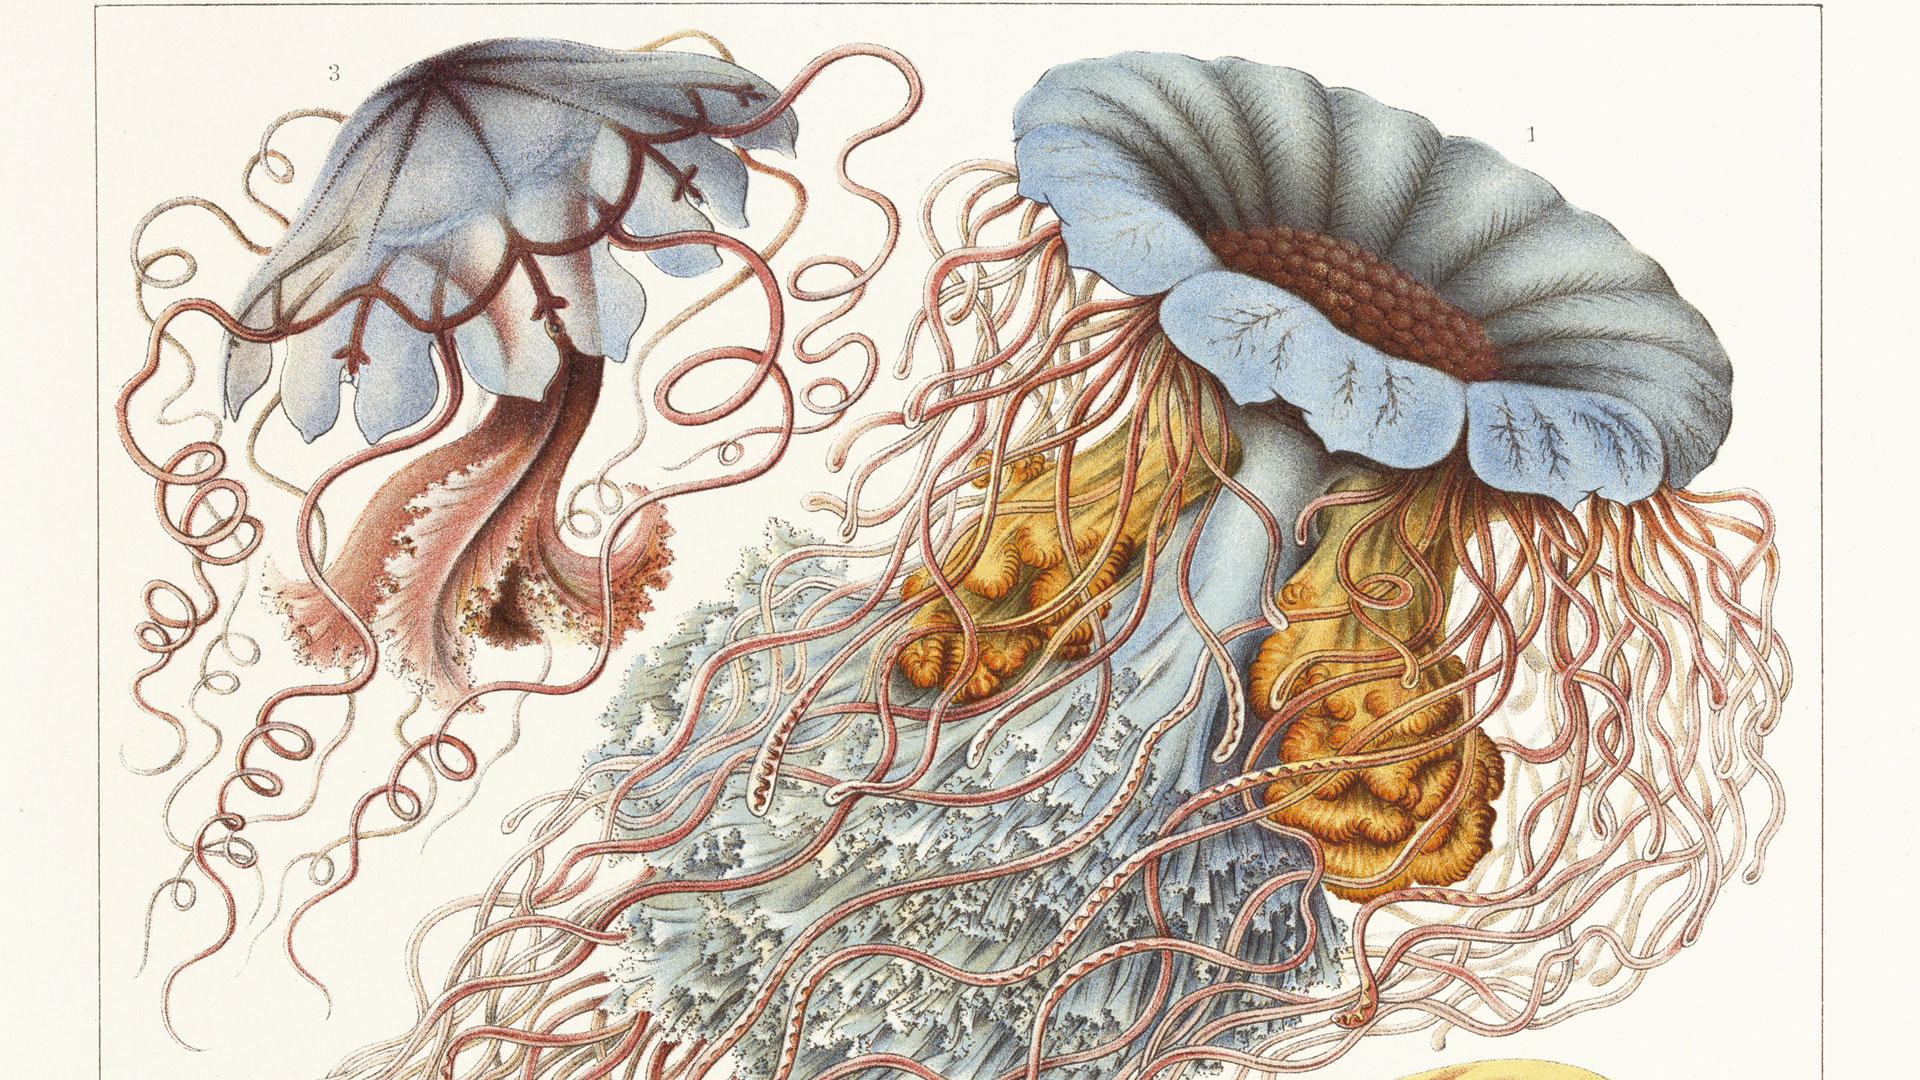 El científico que hizo famoso a Darwin y pintó la belleza de la fauna marina